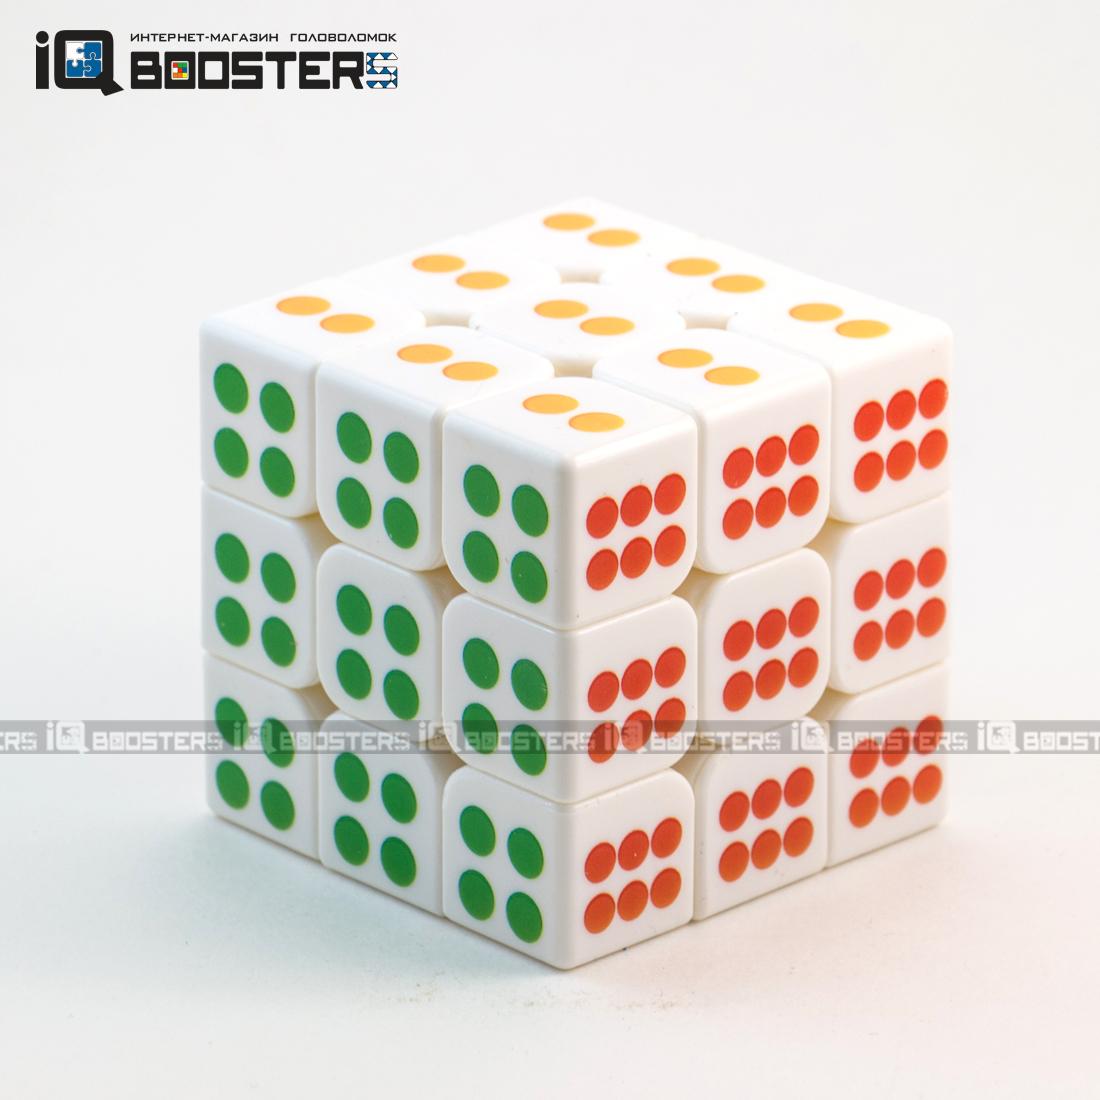 cc_dice_cube_3